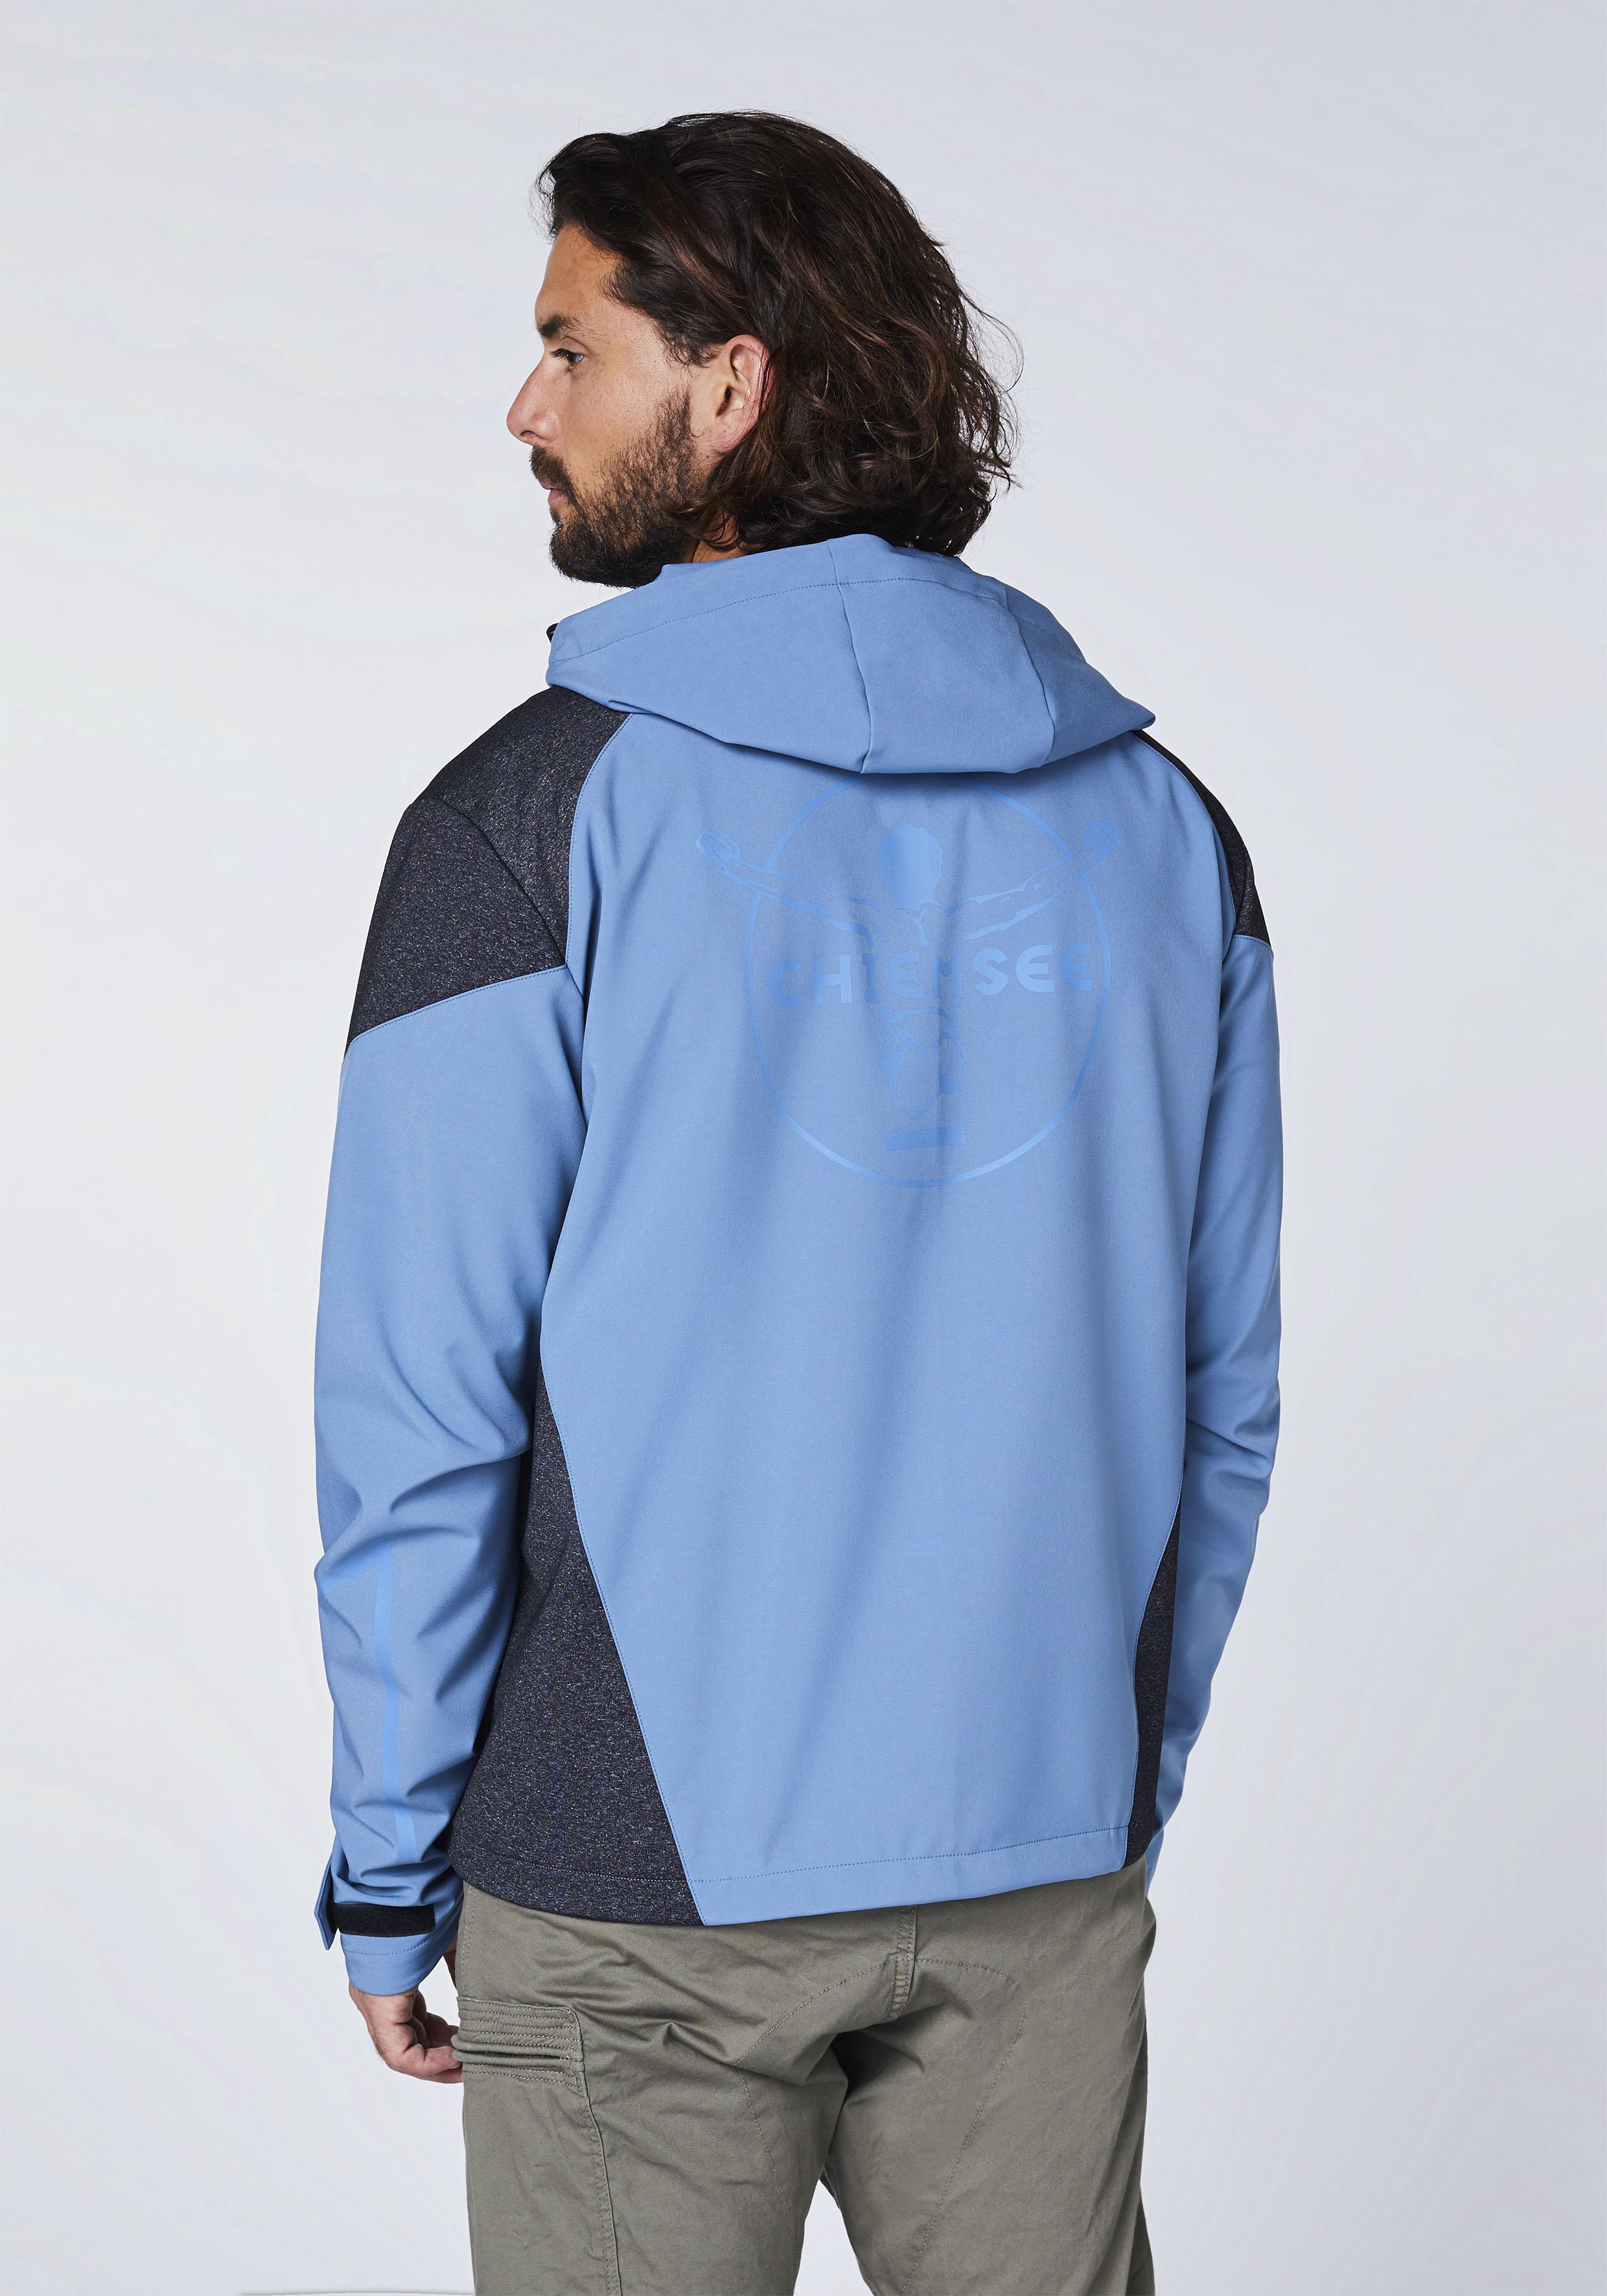 Chiemsee Outdoorjacke Jacke für Herren   Sportbekleidung   Blau   Chiemsee